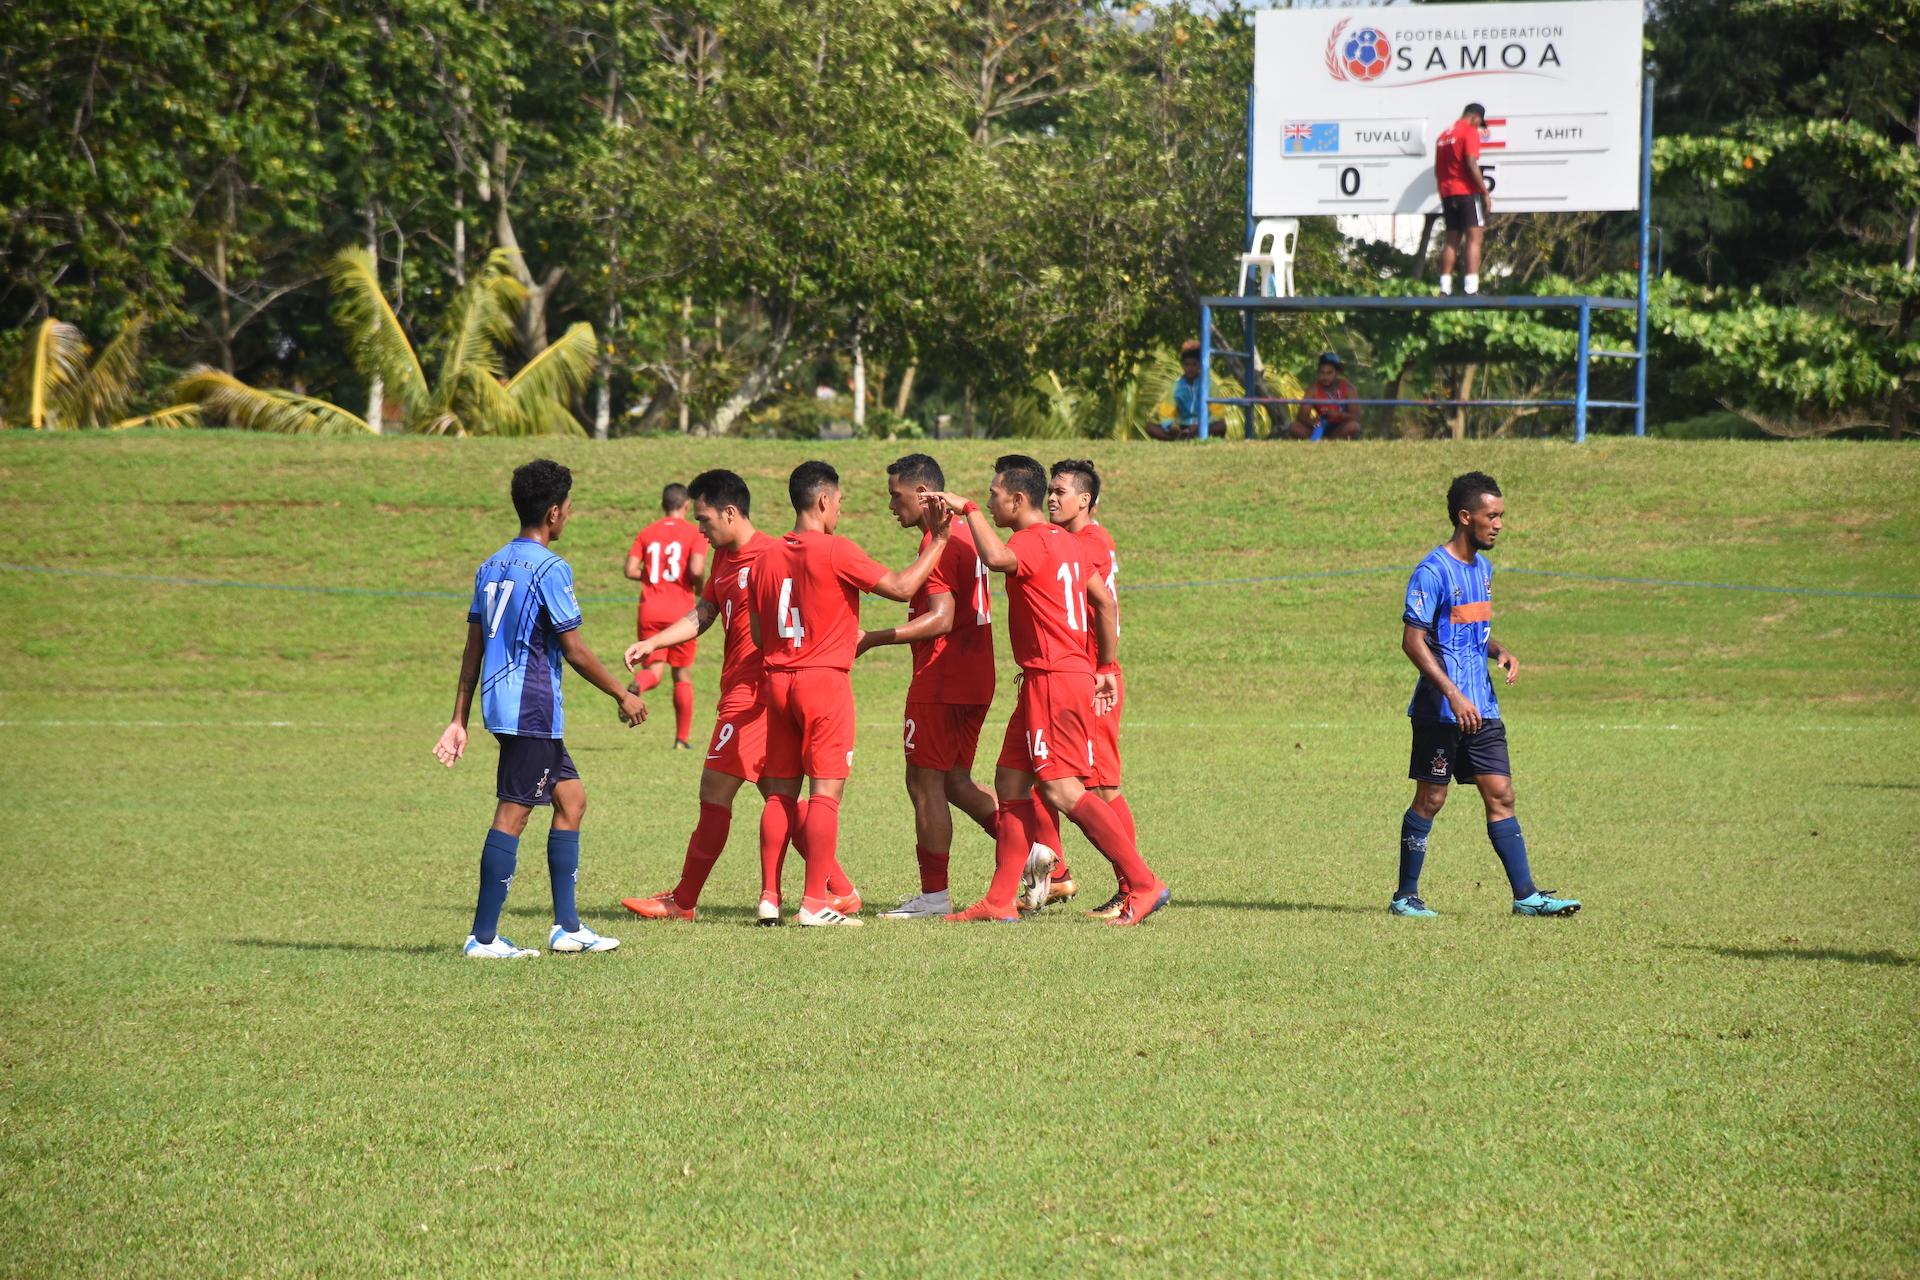 Une victoire facile des Tahitiens après la défaite de lundi face à Fidji.